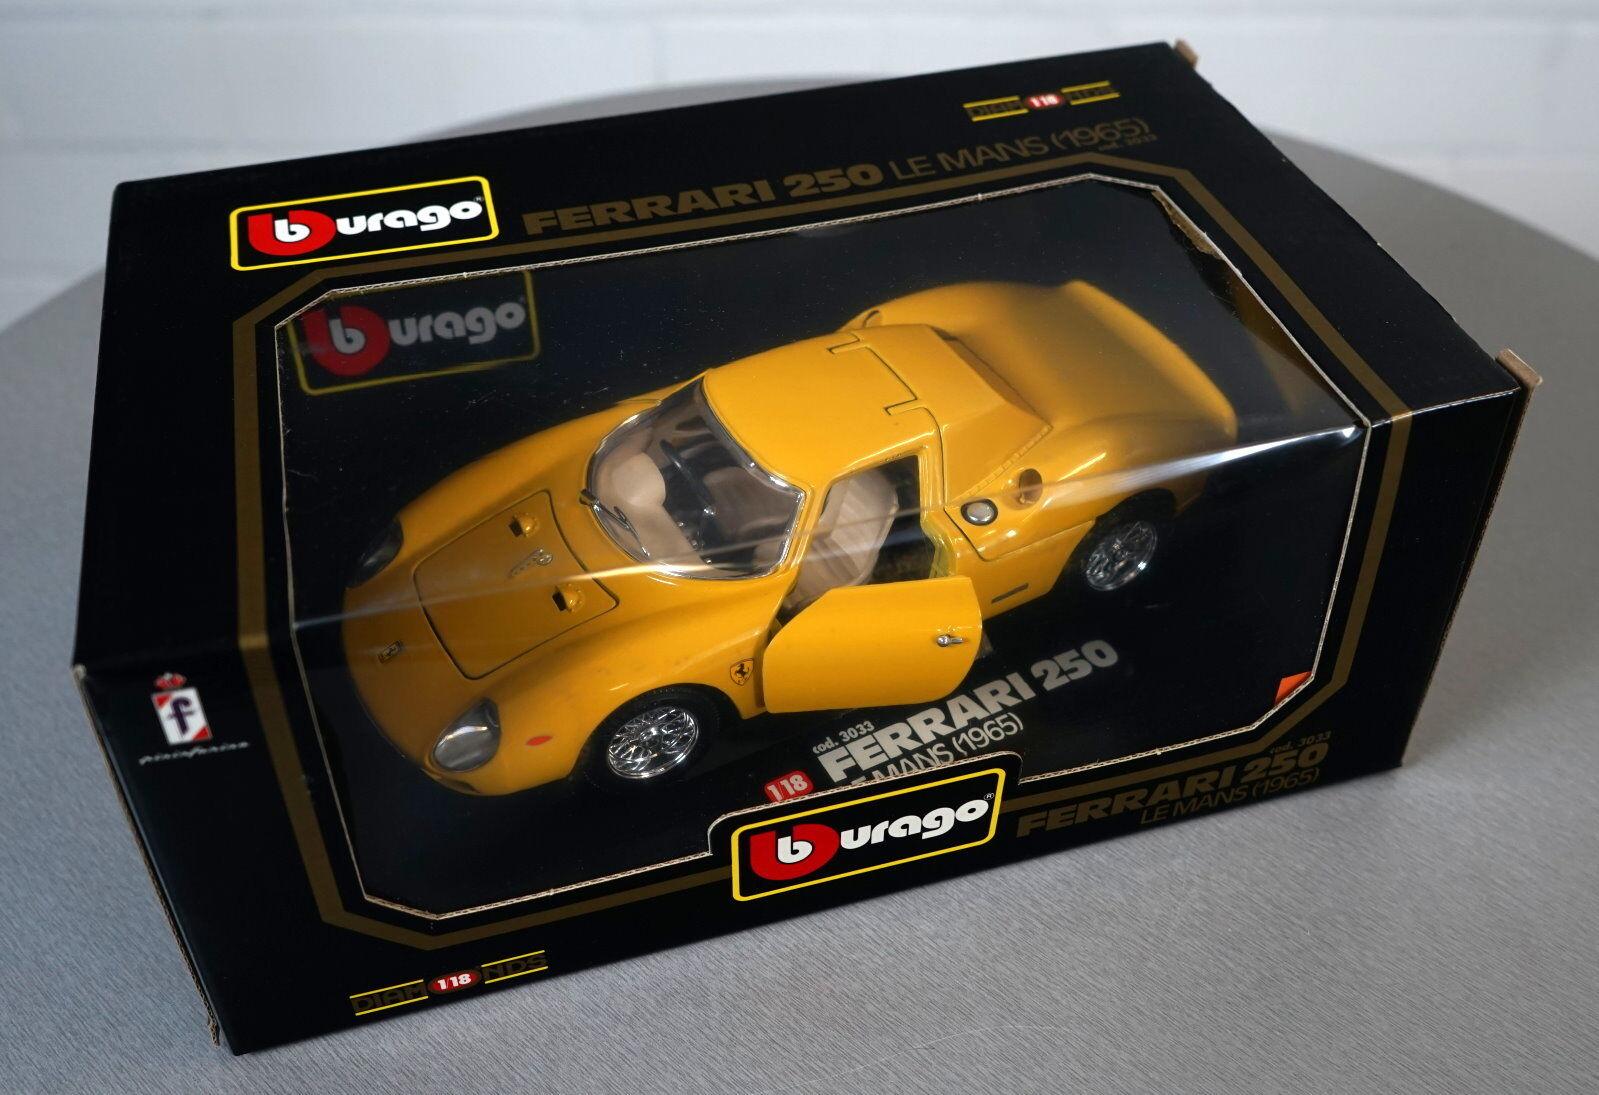 Burago 1 18 Ferrari 250 le mans (1965) Jaune -3033 - les-Cast Modèle Voiture Neuf Neuf dans sa boîte